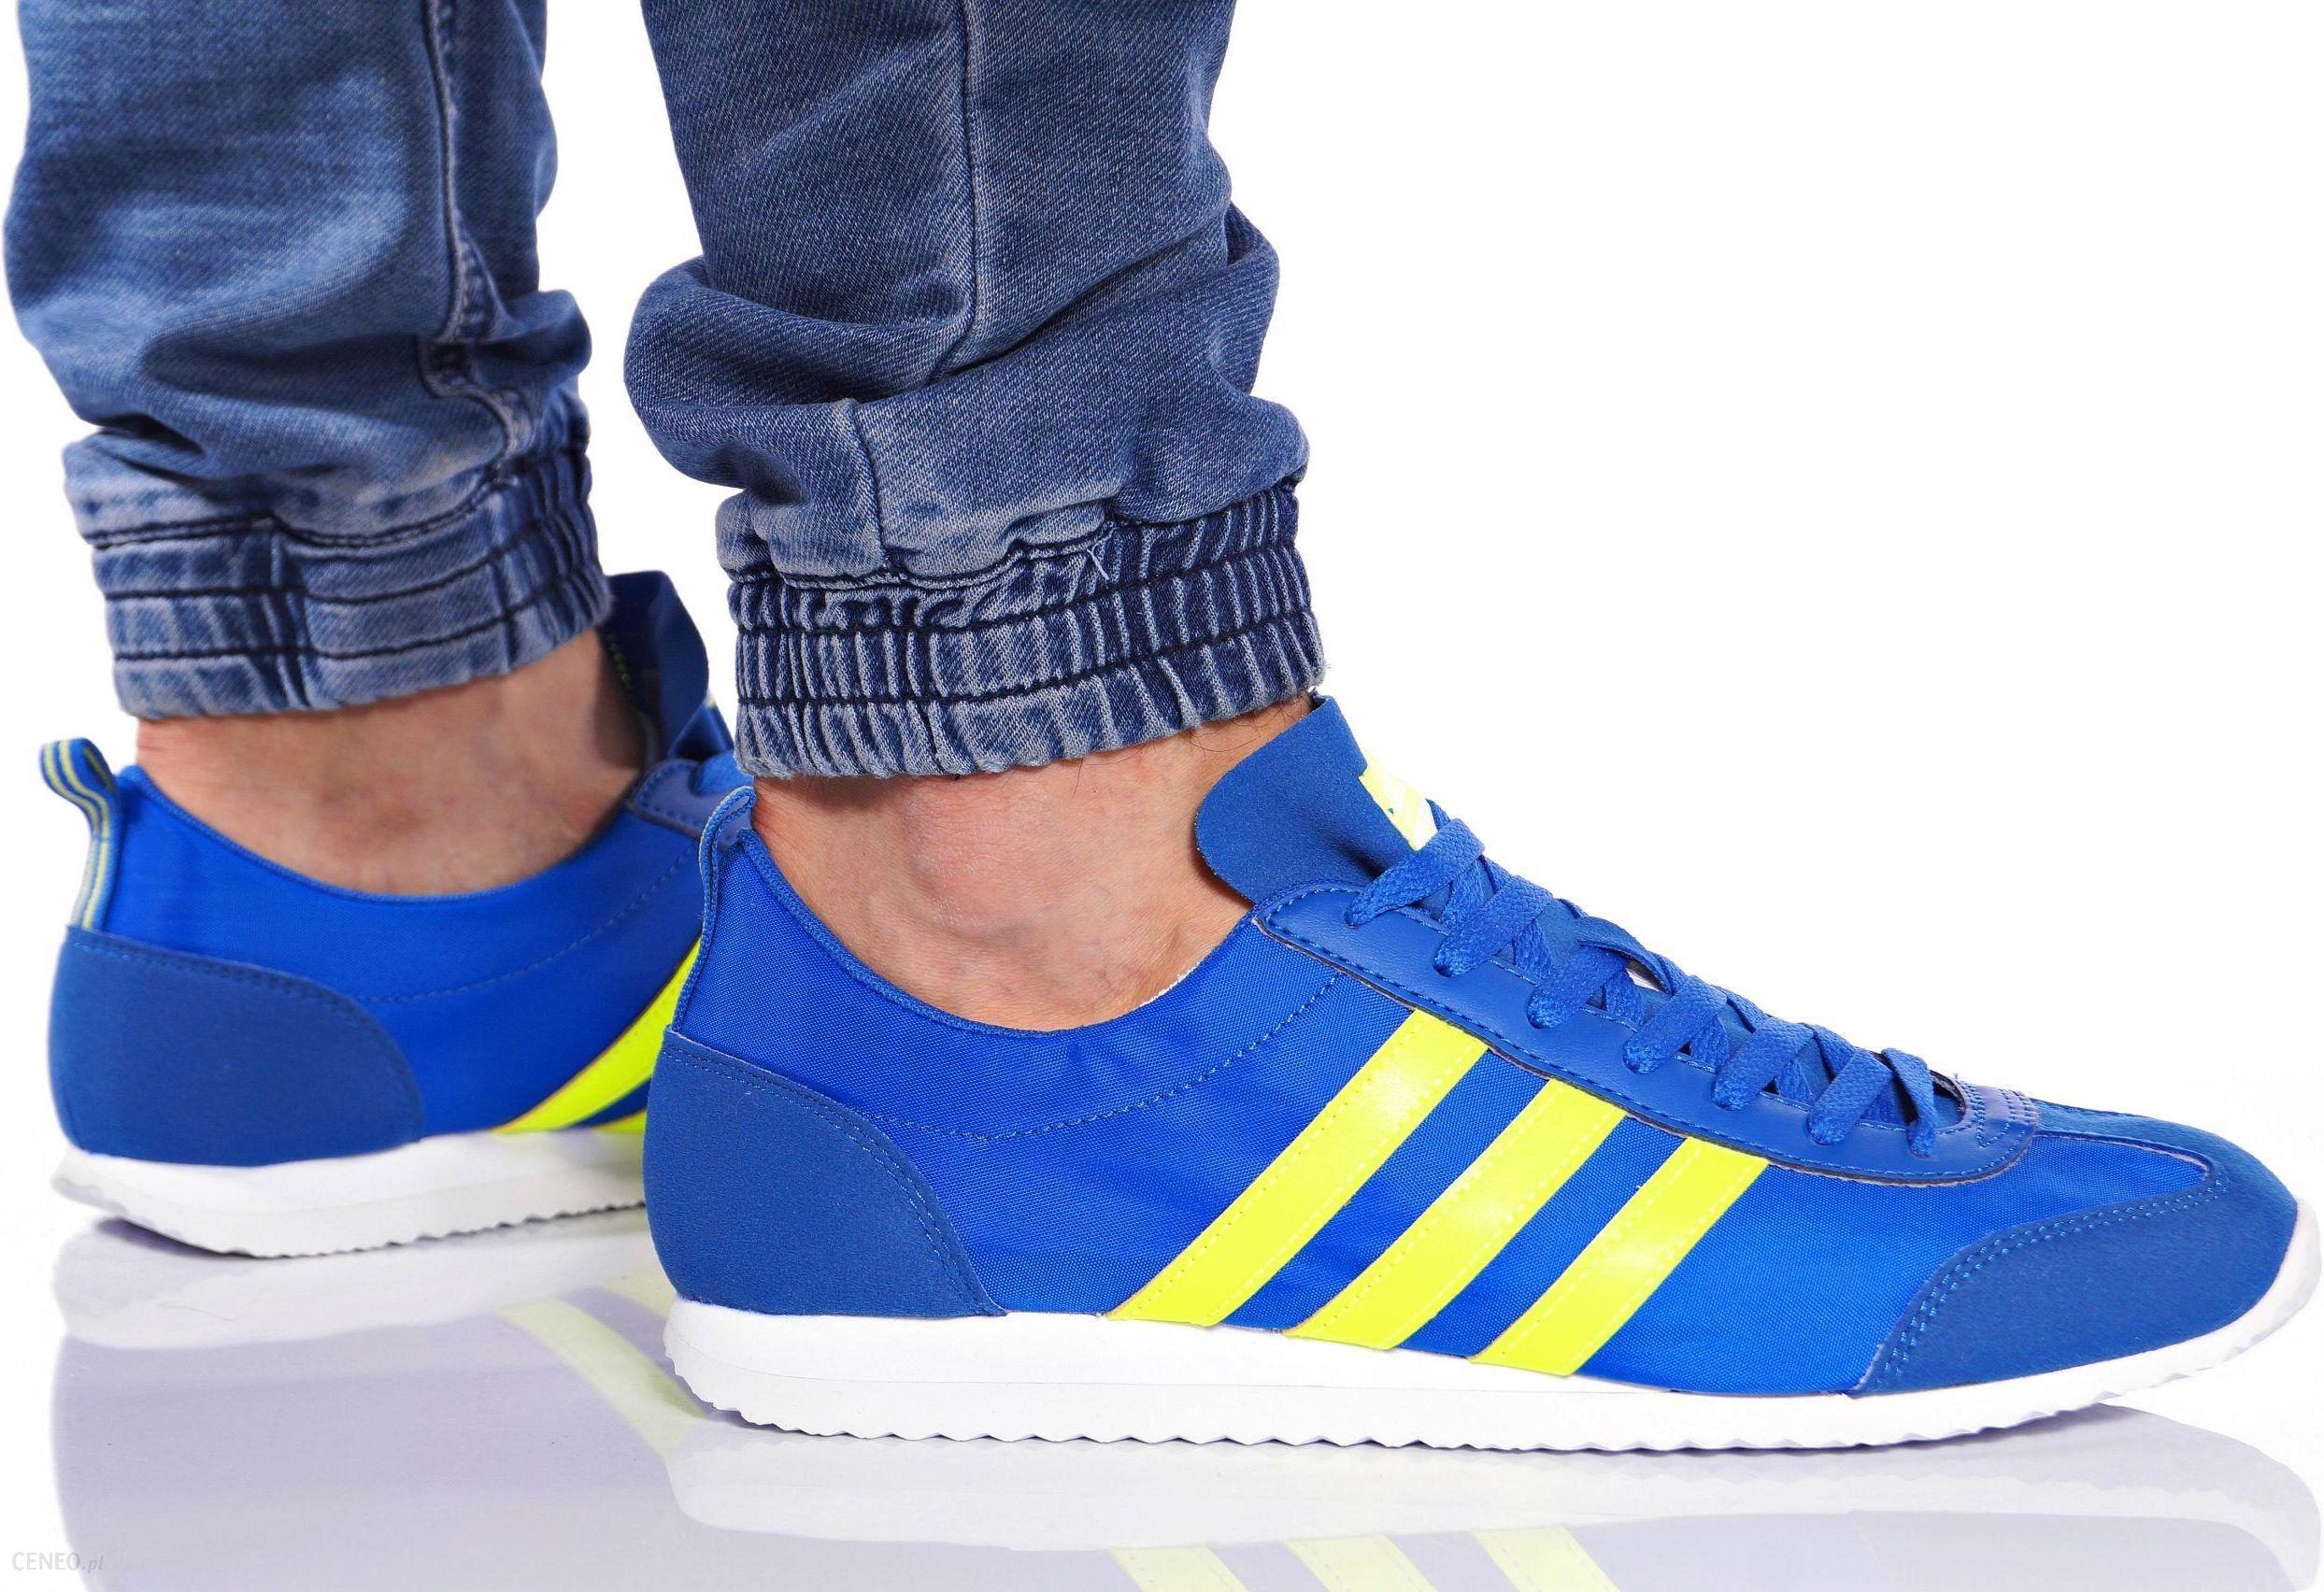 Adidas Vs Jog Shoes Niebieski Adidas Mężczyzn Adidas Neo